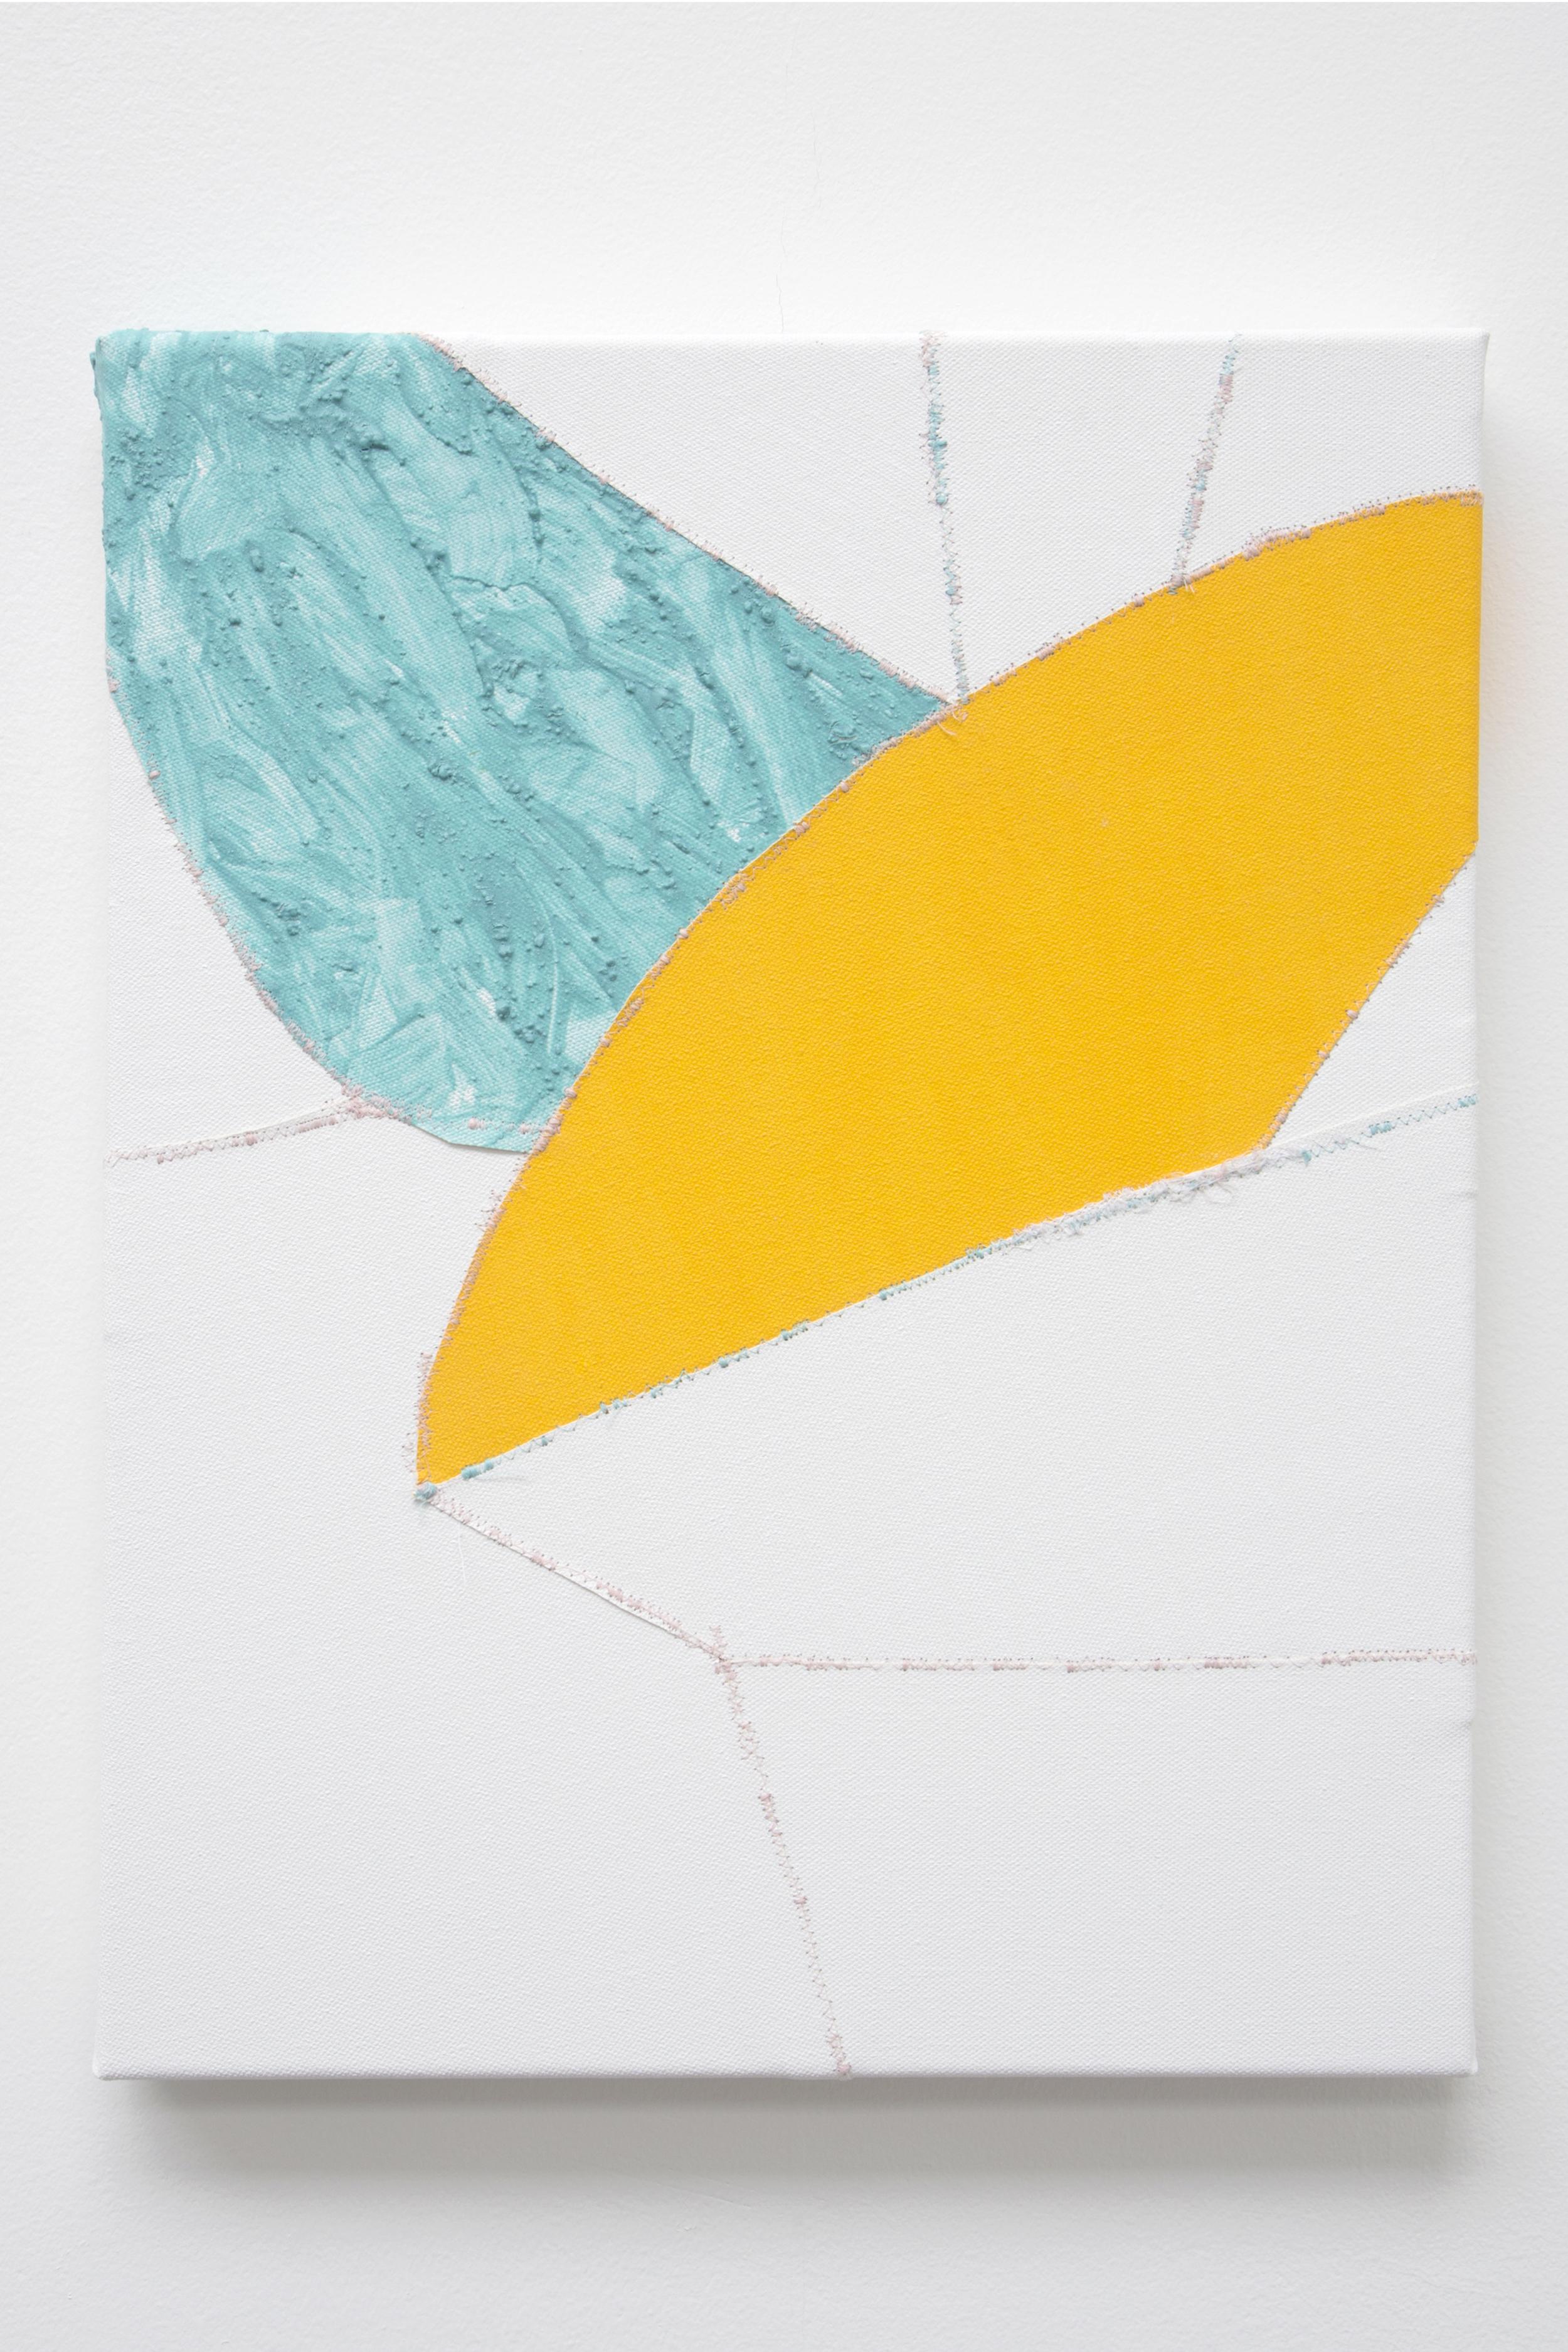 Spur , oil and thread on canvas, 36 x 46 cm, 2016  .